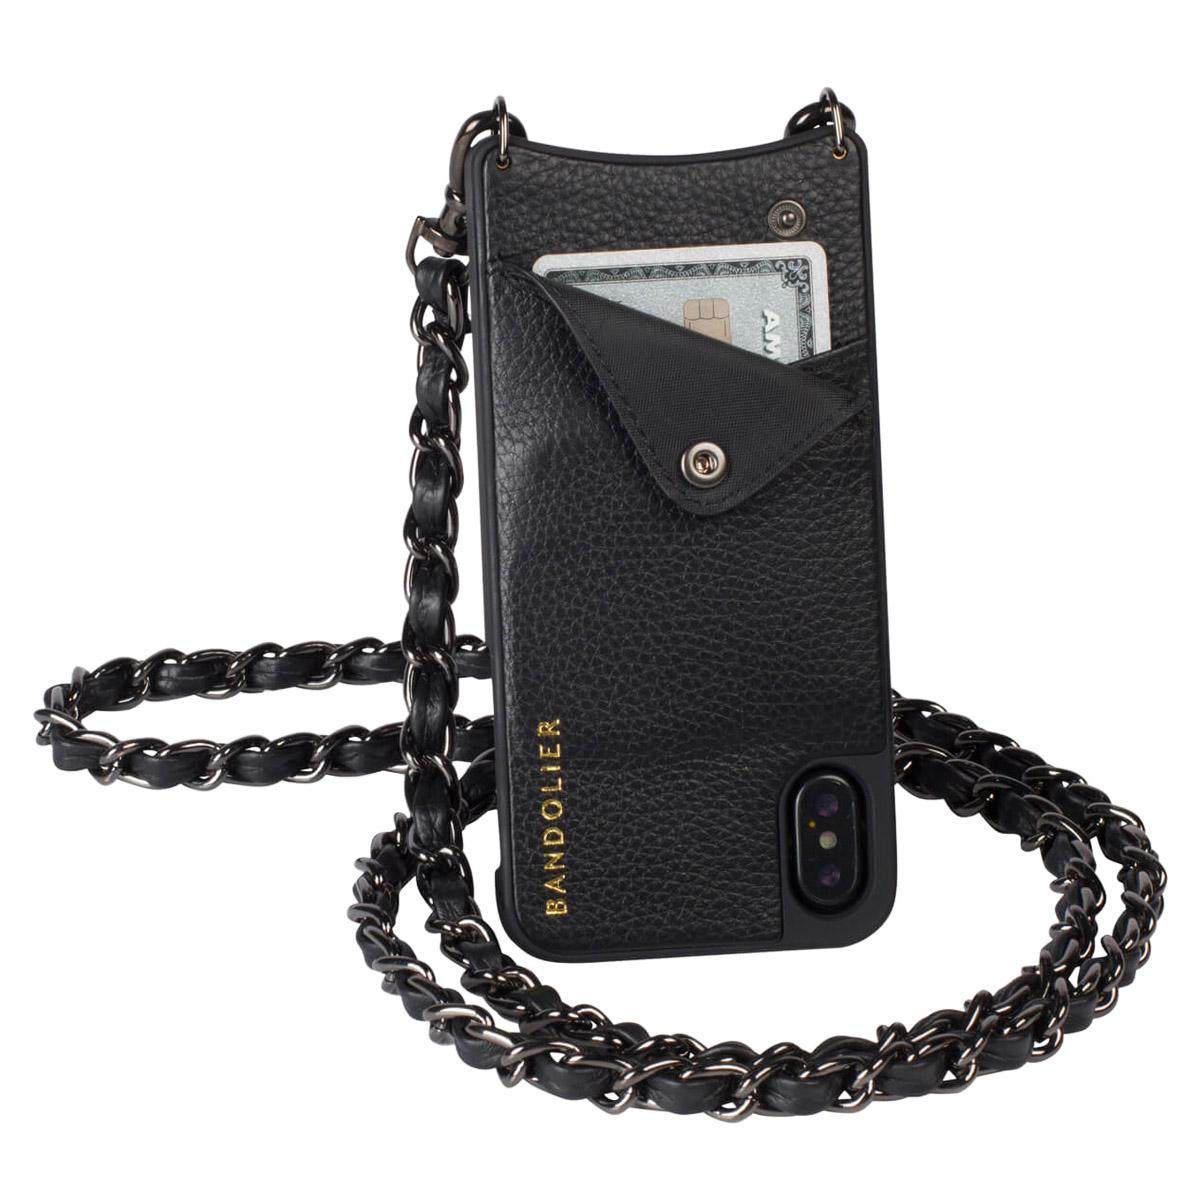 BANDOLIER iPhone XR LUCY PEWTER バンドリヤー ケース ショルダー スマホ アイフォン レザー メンズ レディース ブラック 10LCY1001 [3/18 再入荷] [193]